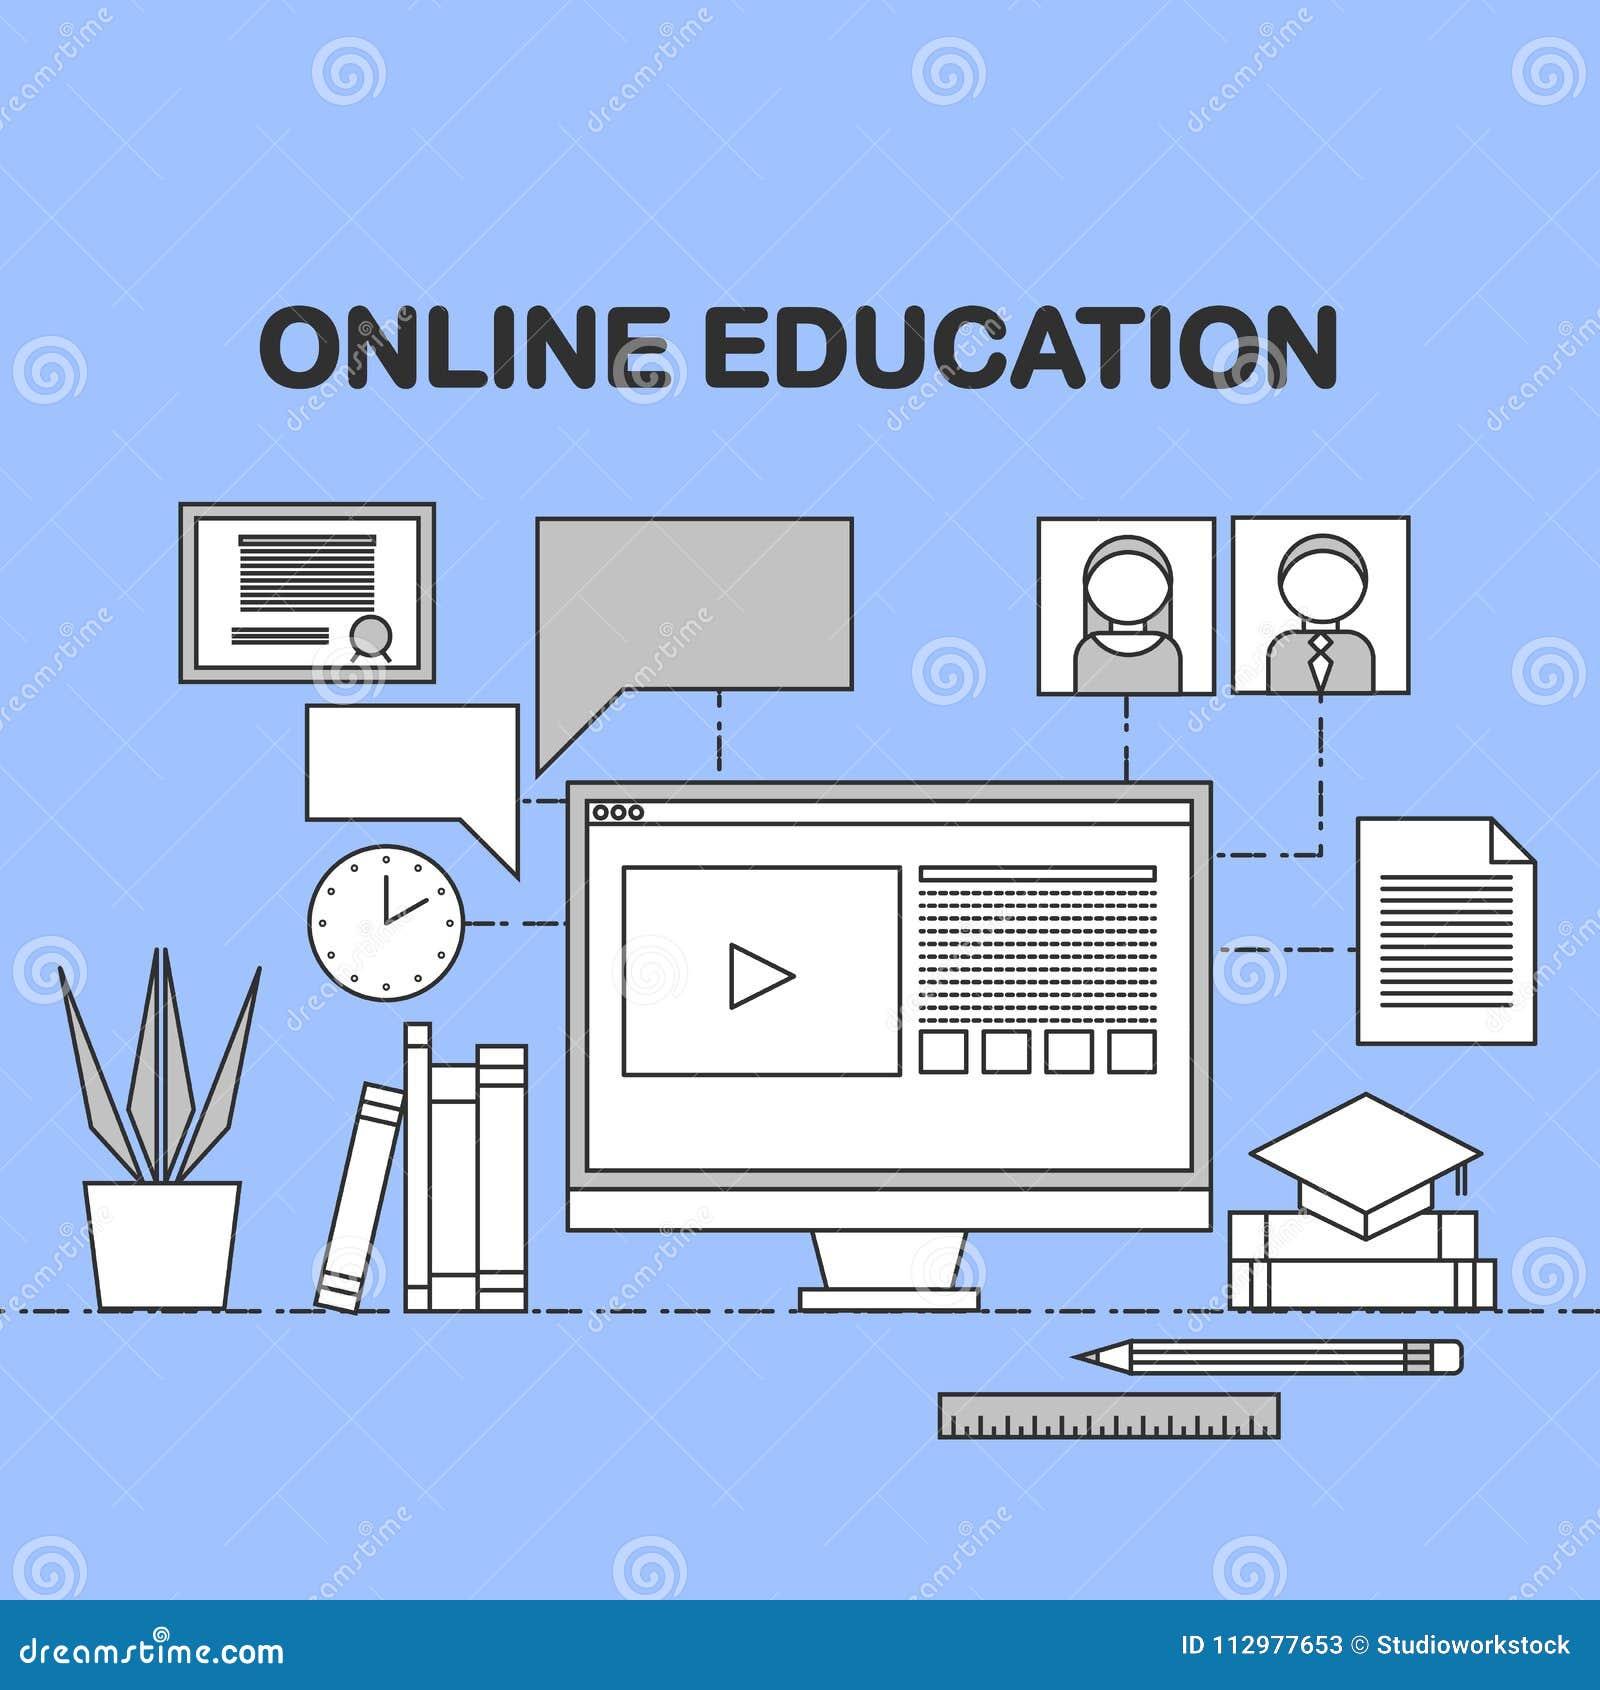 Flat raster linear illustration of e-learning